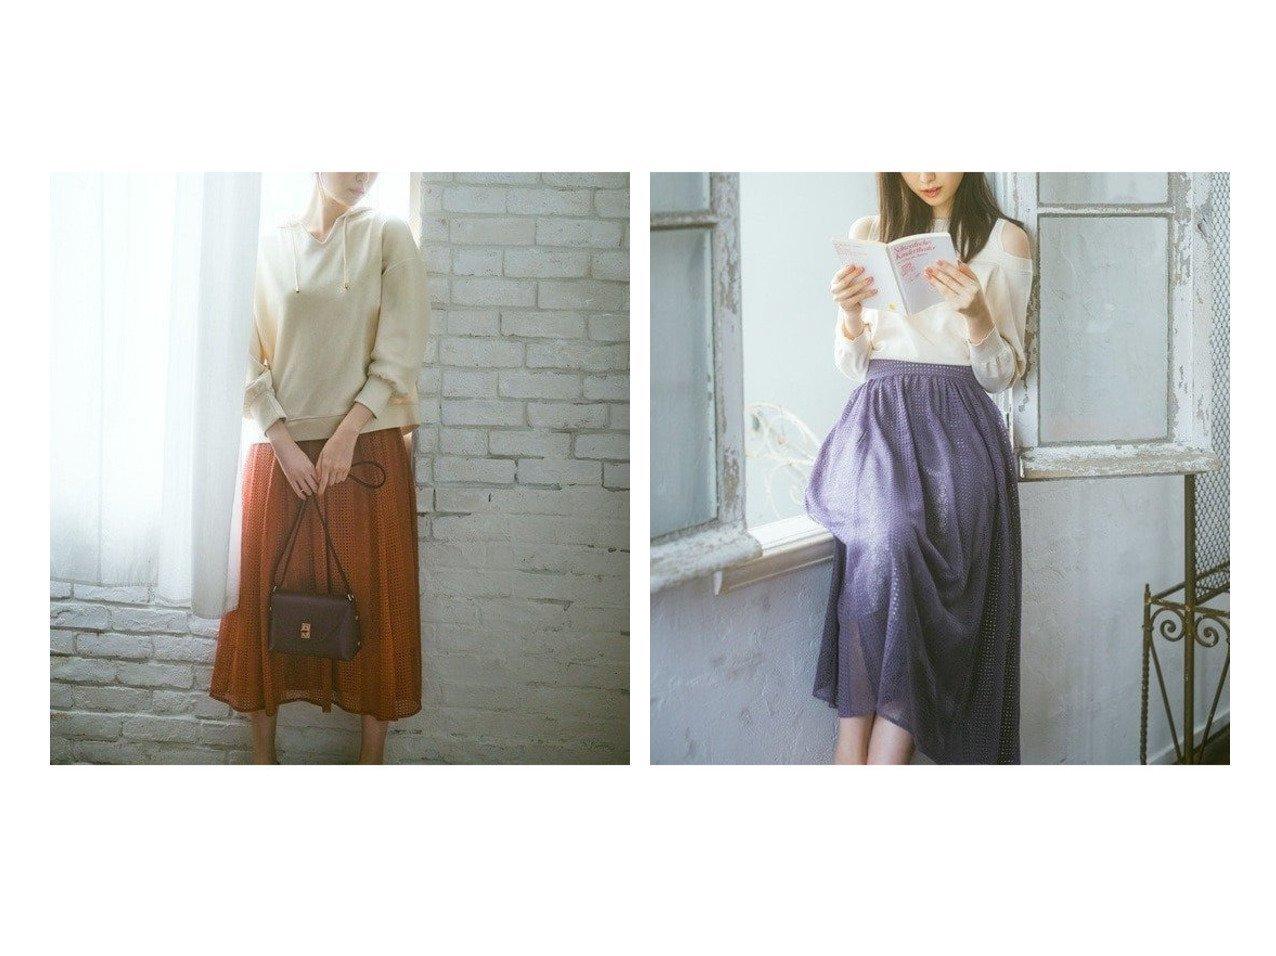 【Feroux/フェルゥ】の【洗える】Verticalパターンレース スカート スカートのおすすめ!人気、レディースファッションの通販 おすすめで人気のファッション通販商品 インテリア・家具・キッズファッション・メンズファッション・レディースファッション・服の通販 founy(ファニー) https://founy.com/ ファッション Fashion レディース WOMEN スカート Skirt ダウン トレンド パターン ミモレ レース |ID:crp329100000001496